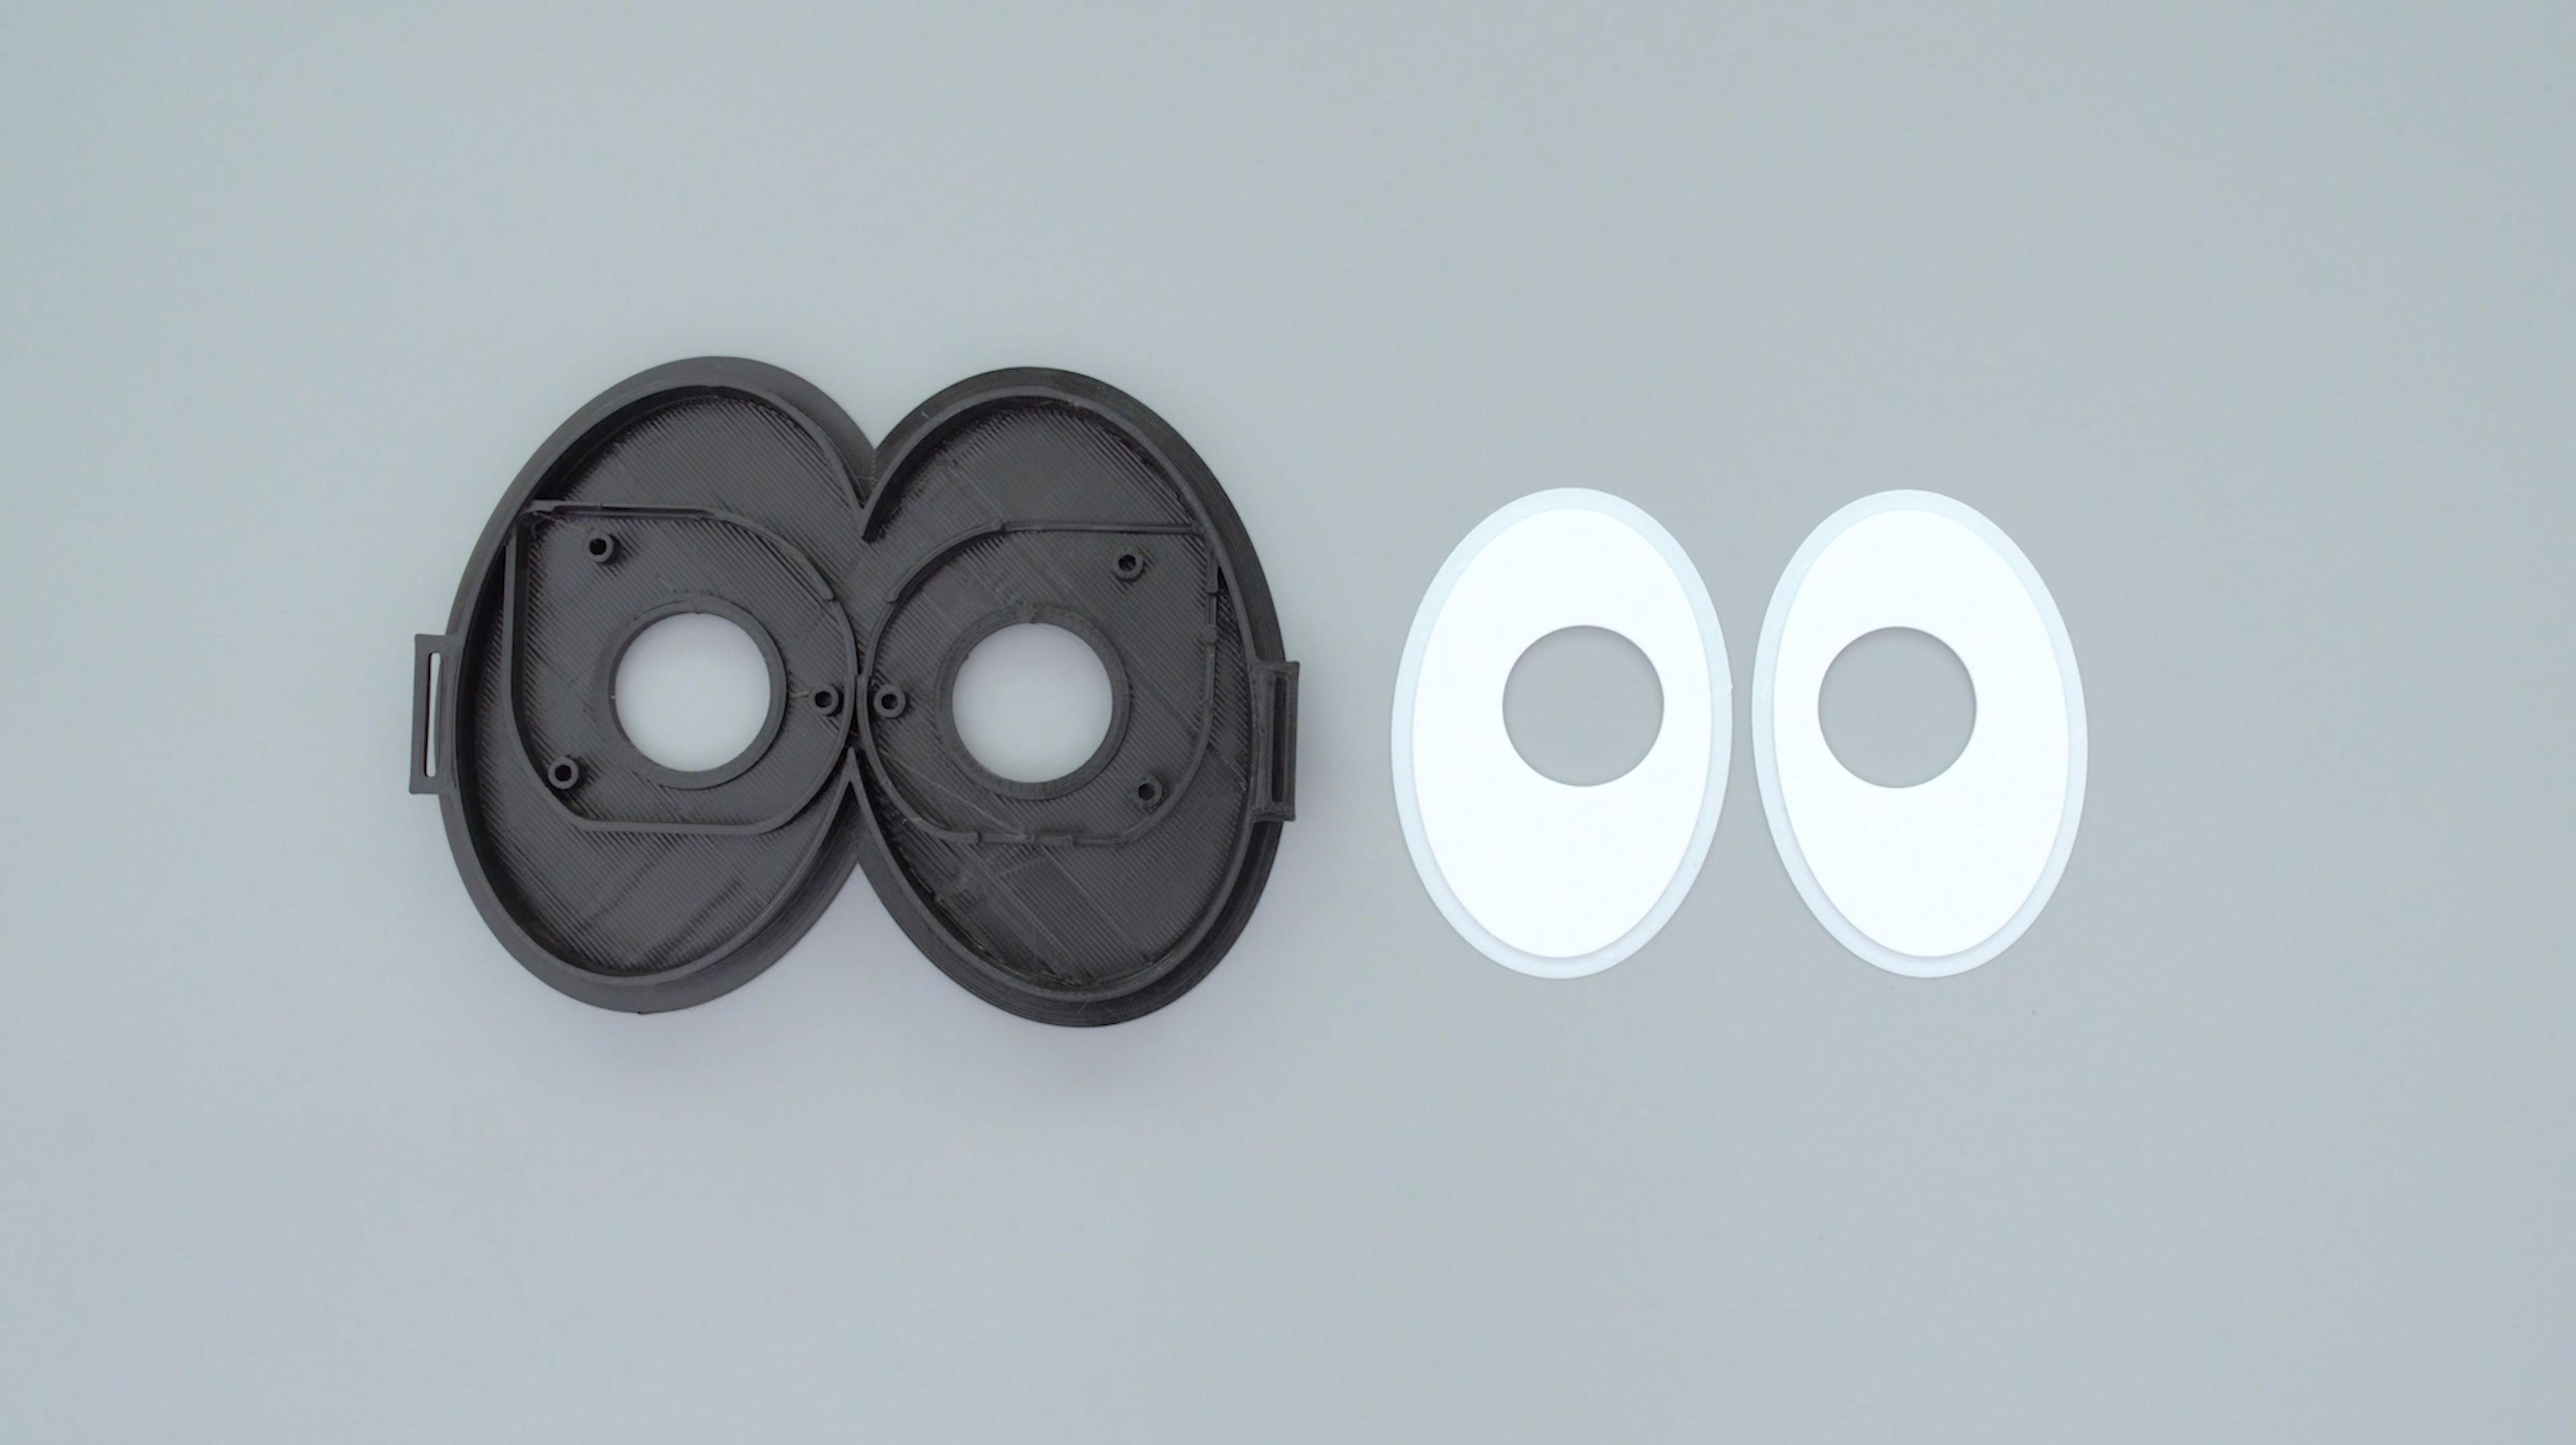 3d-parts.jpg Télécharger fichier STL gratuit Mario Cappy Chapeau Animated Eyes Animated Eyes • Objet imprimable en 3D, Adafruit